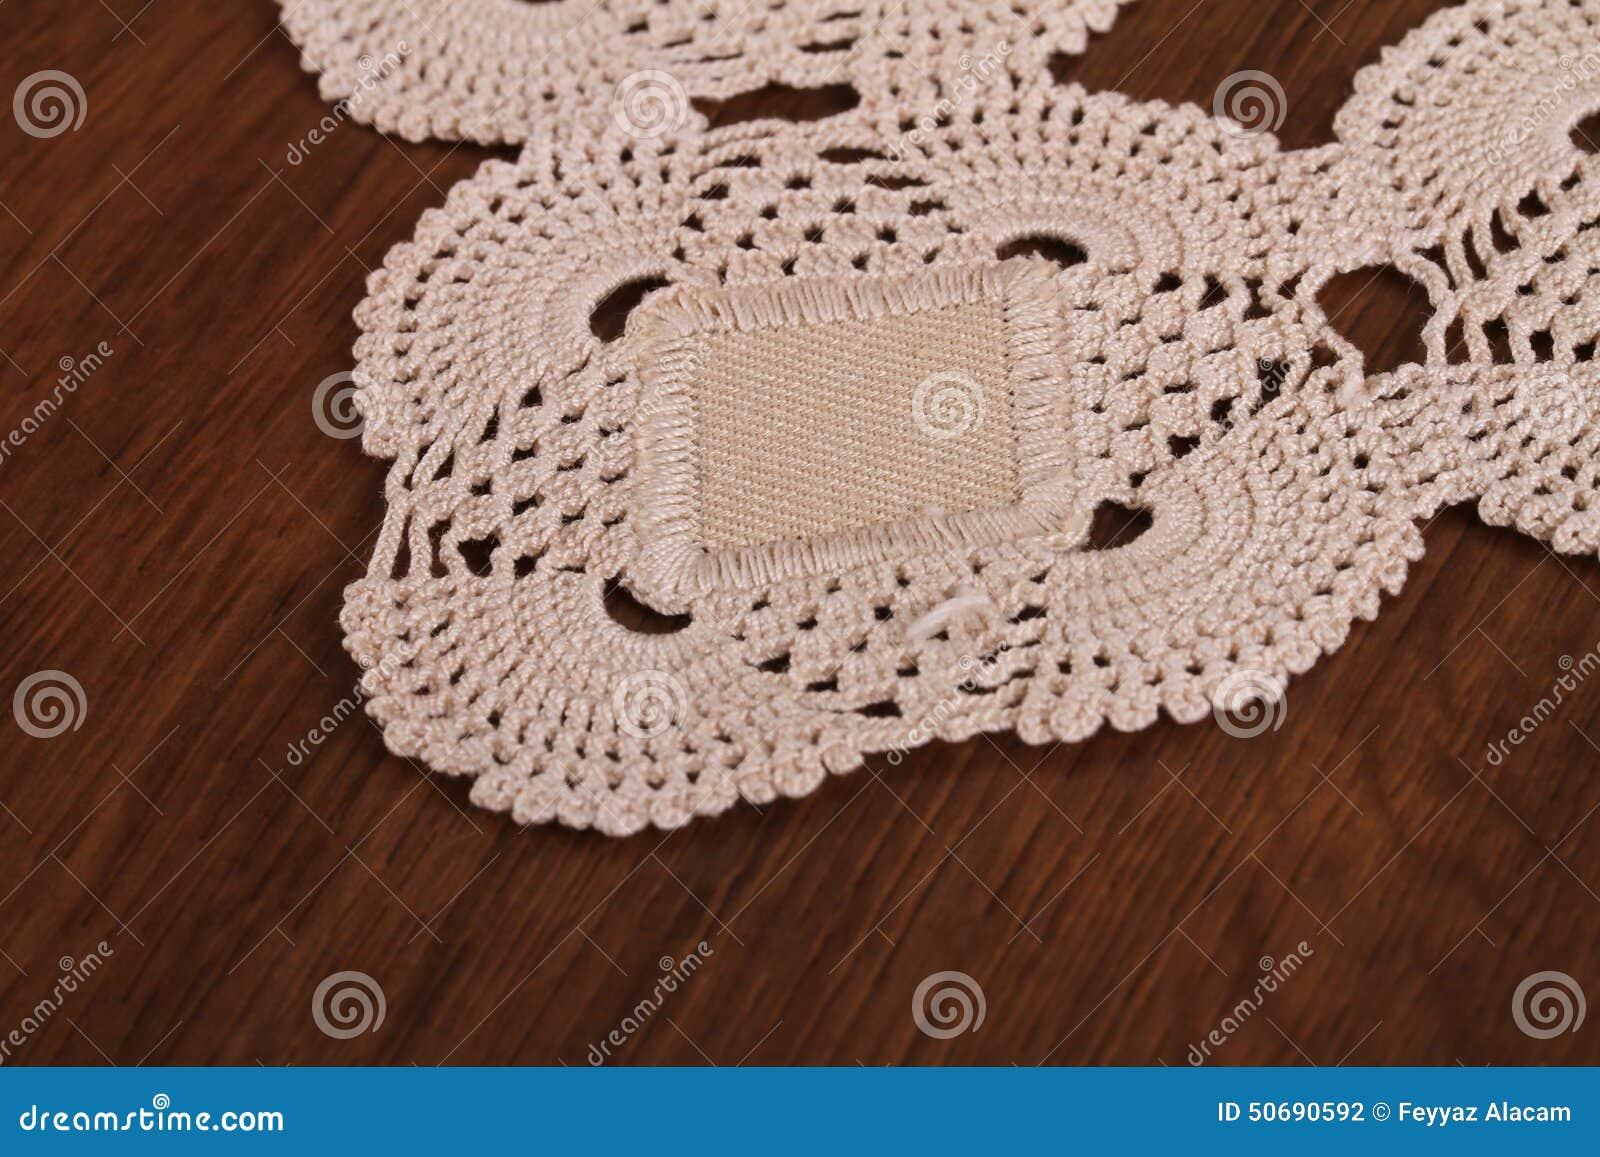 Download 在木头的手工制造鞋带 库存照片. 图片 包括有 设计, 自创, 装饰, tudor, 业余爱好, 内部, 家具 - 50690592